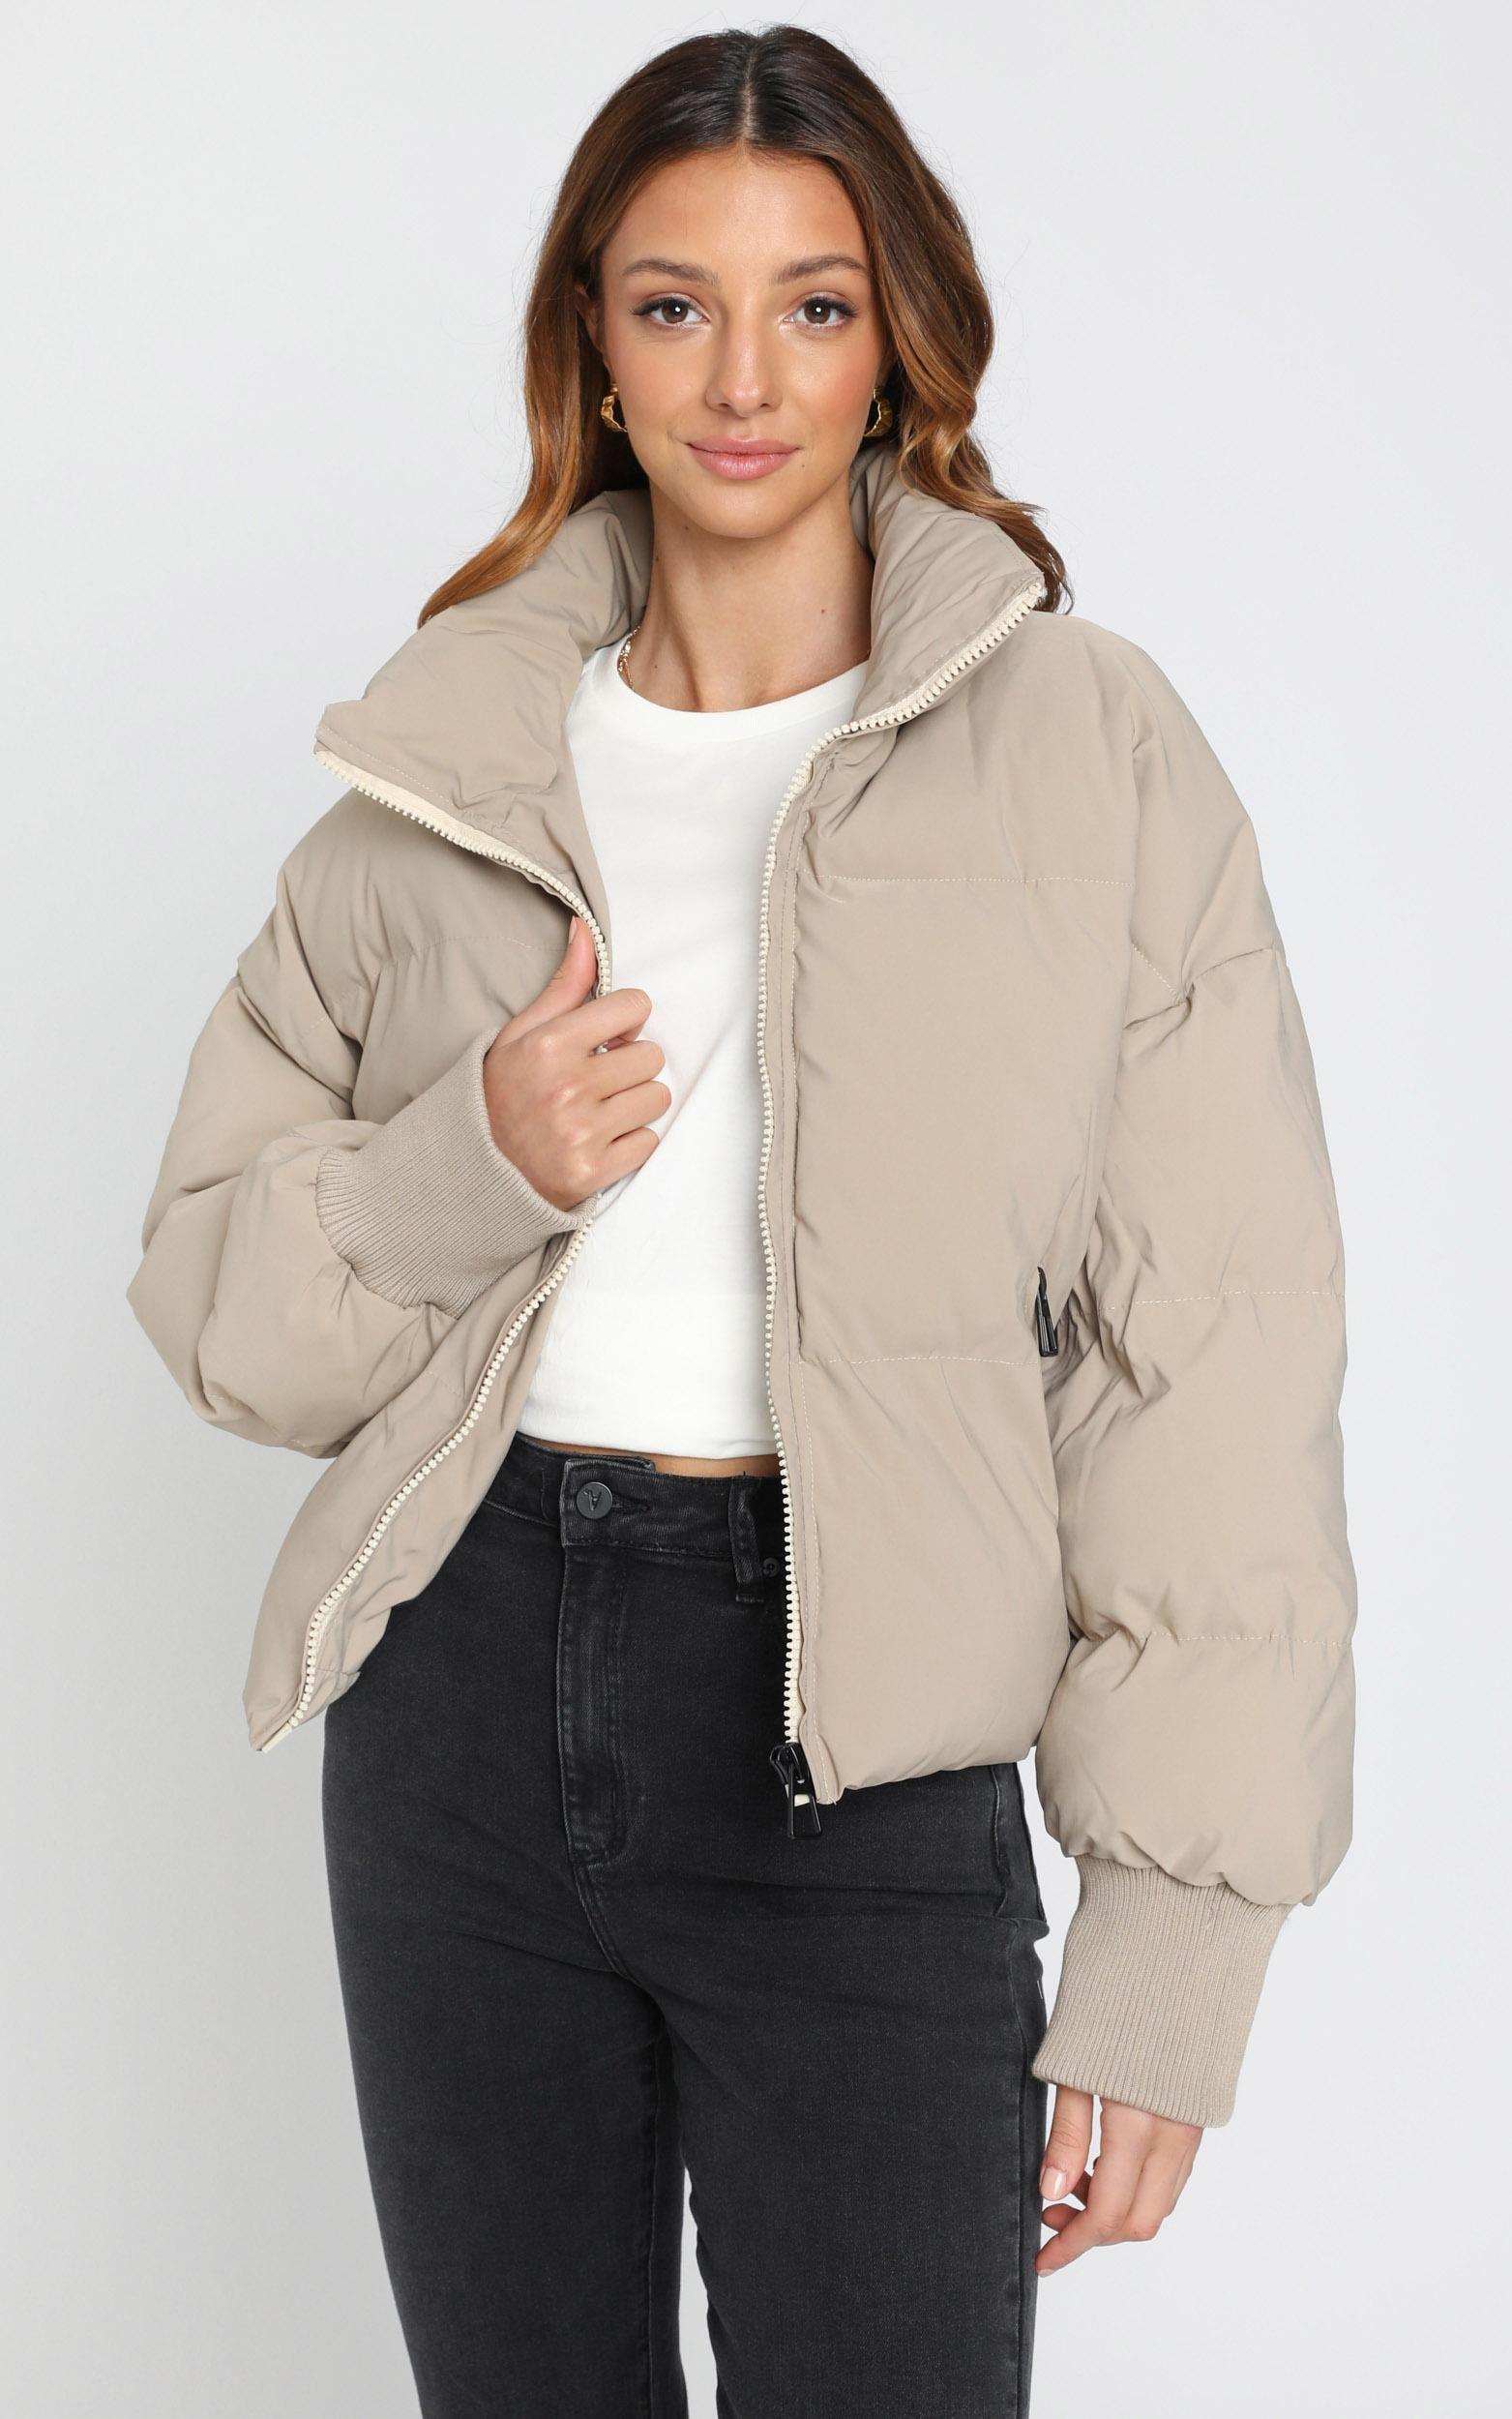 Windsor Puffer Jacket In Beige Showpo Puffer Jacket Outfit Jacket Outfit Women Beige Puffer Jacket [ 2500 x 1563 Pixel ]